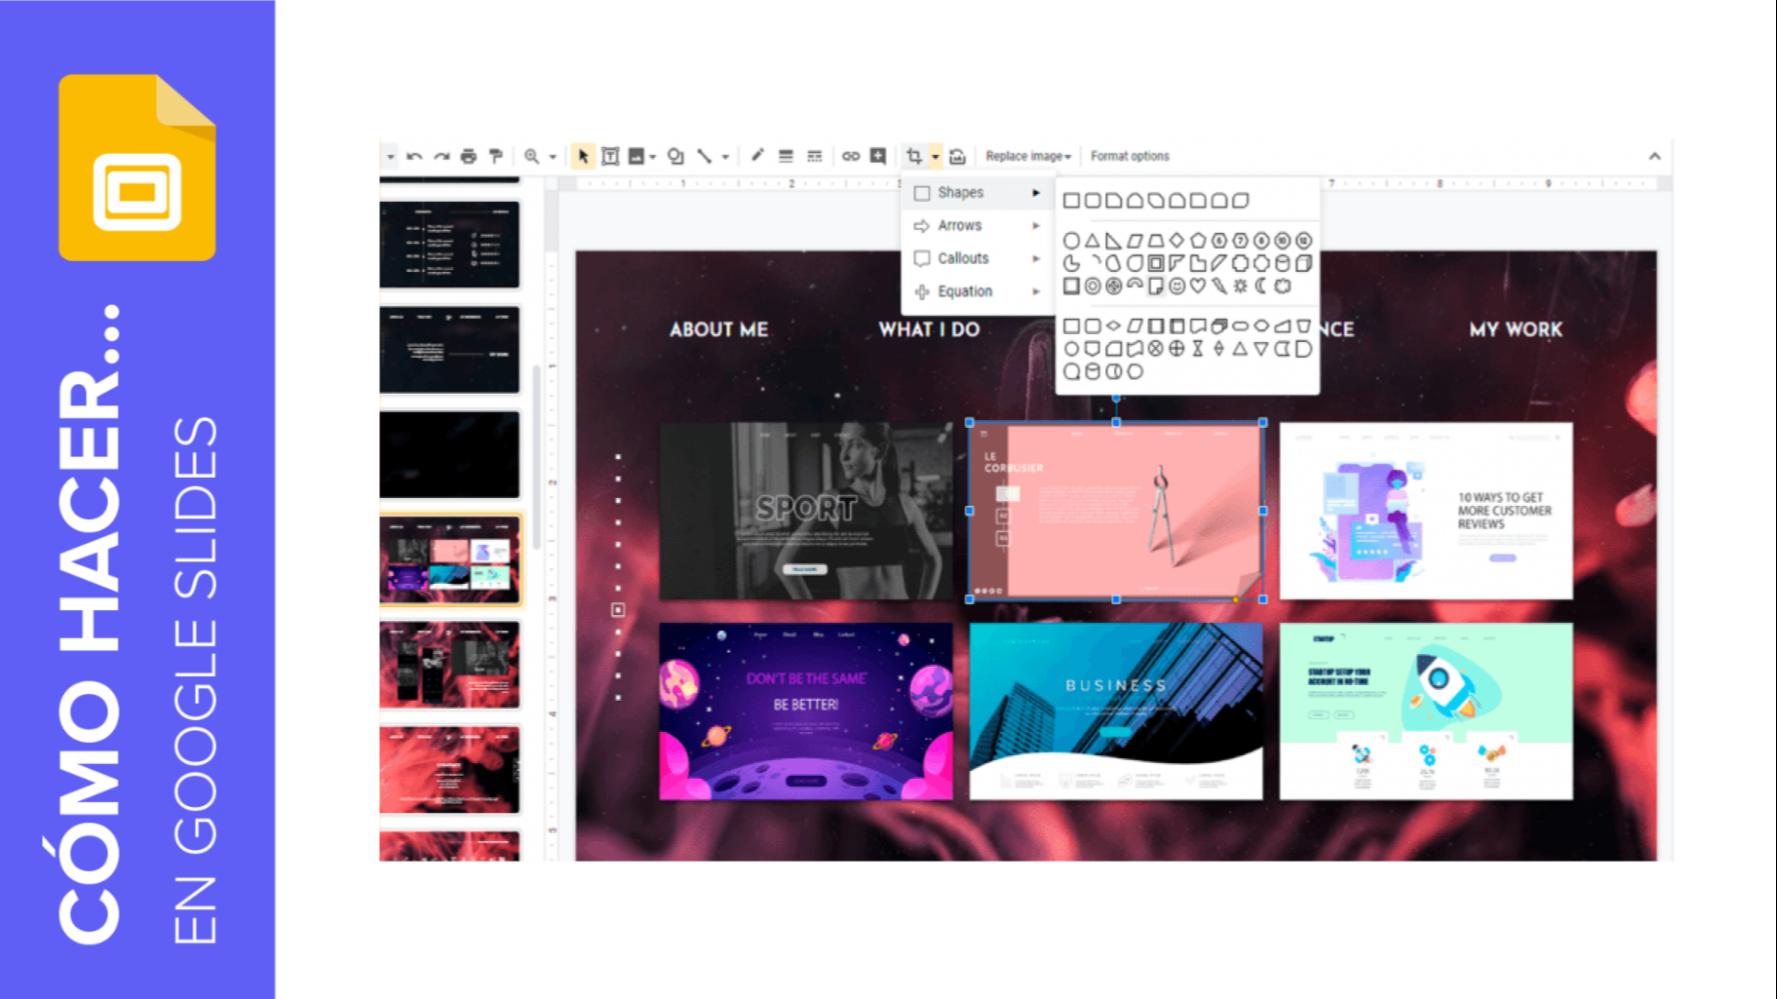 Cómo insertar, recortar y enmascarar imágenes en Google Slides | Tutoriales y Tips para tus presentaciones